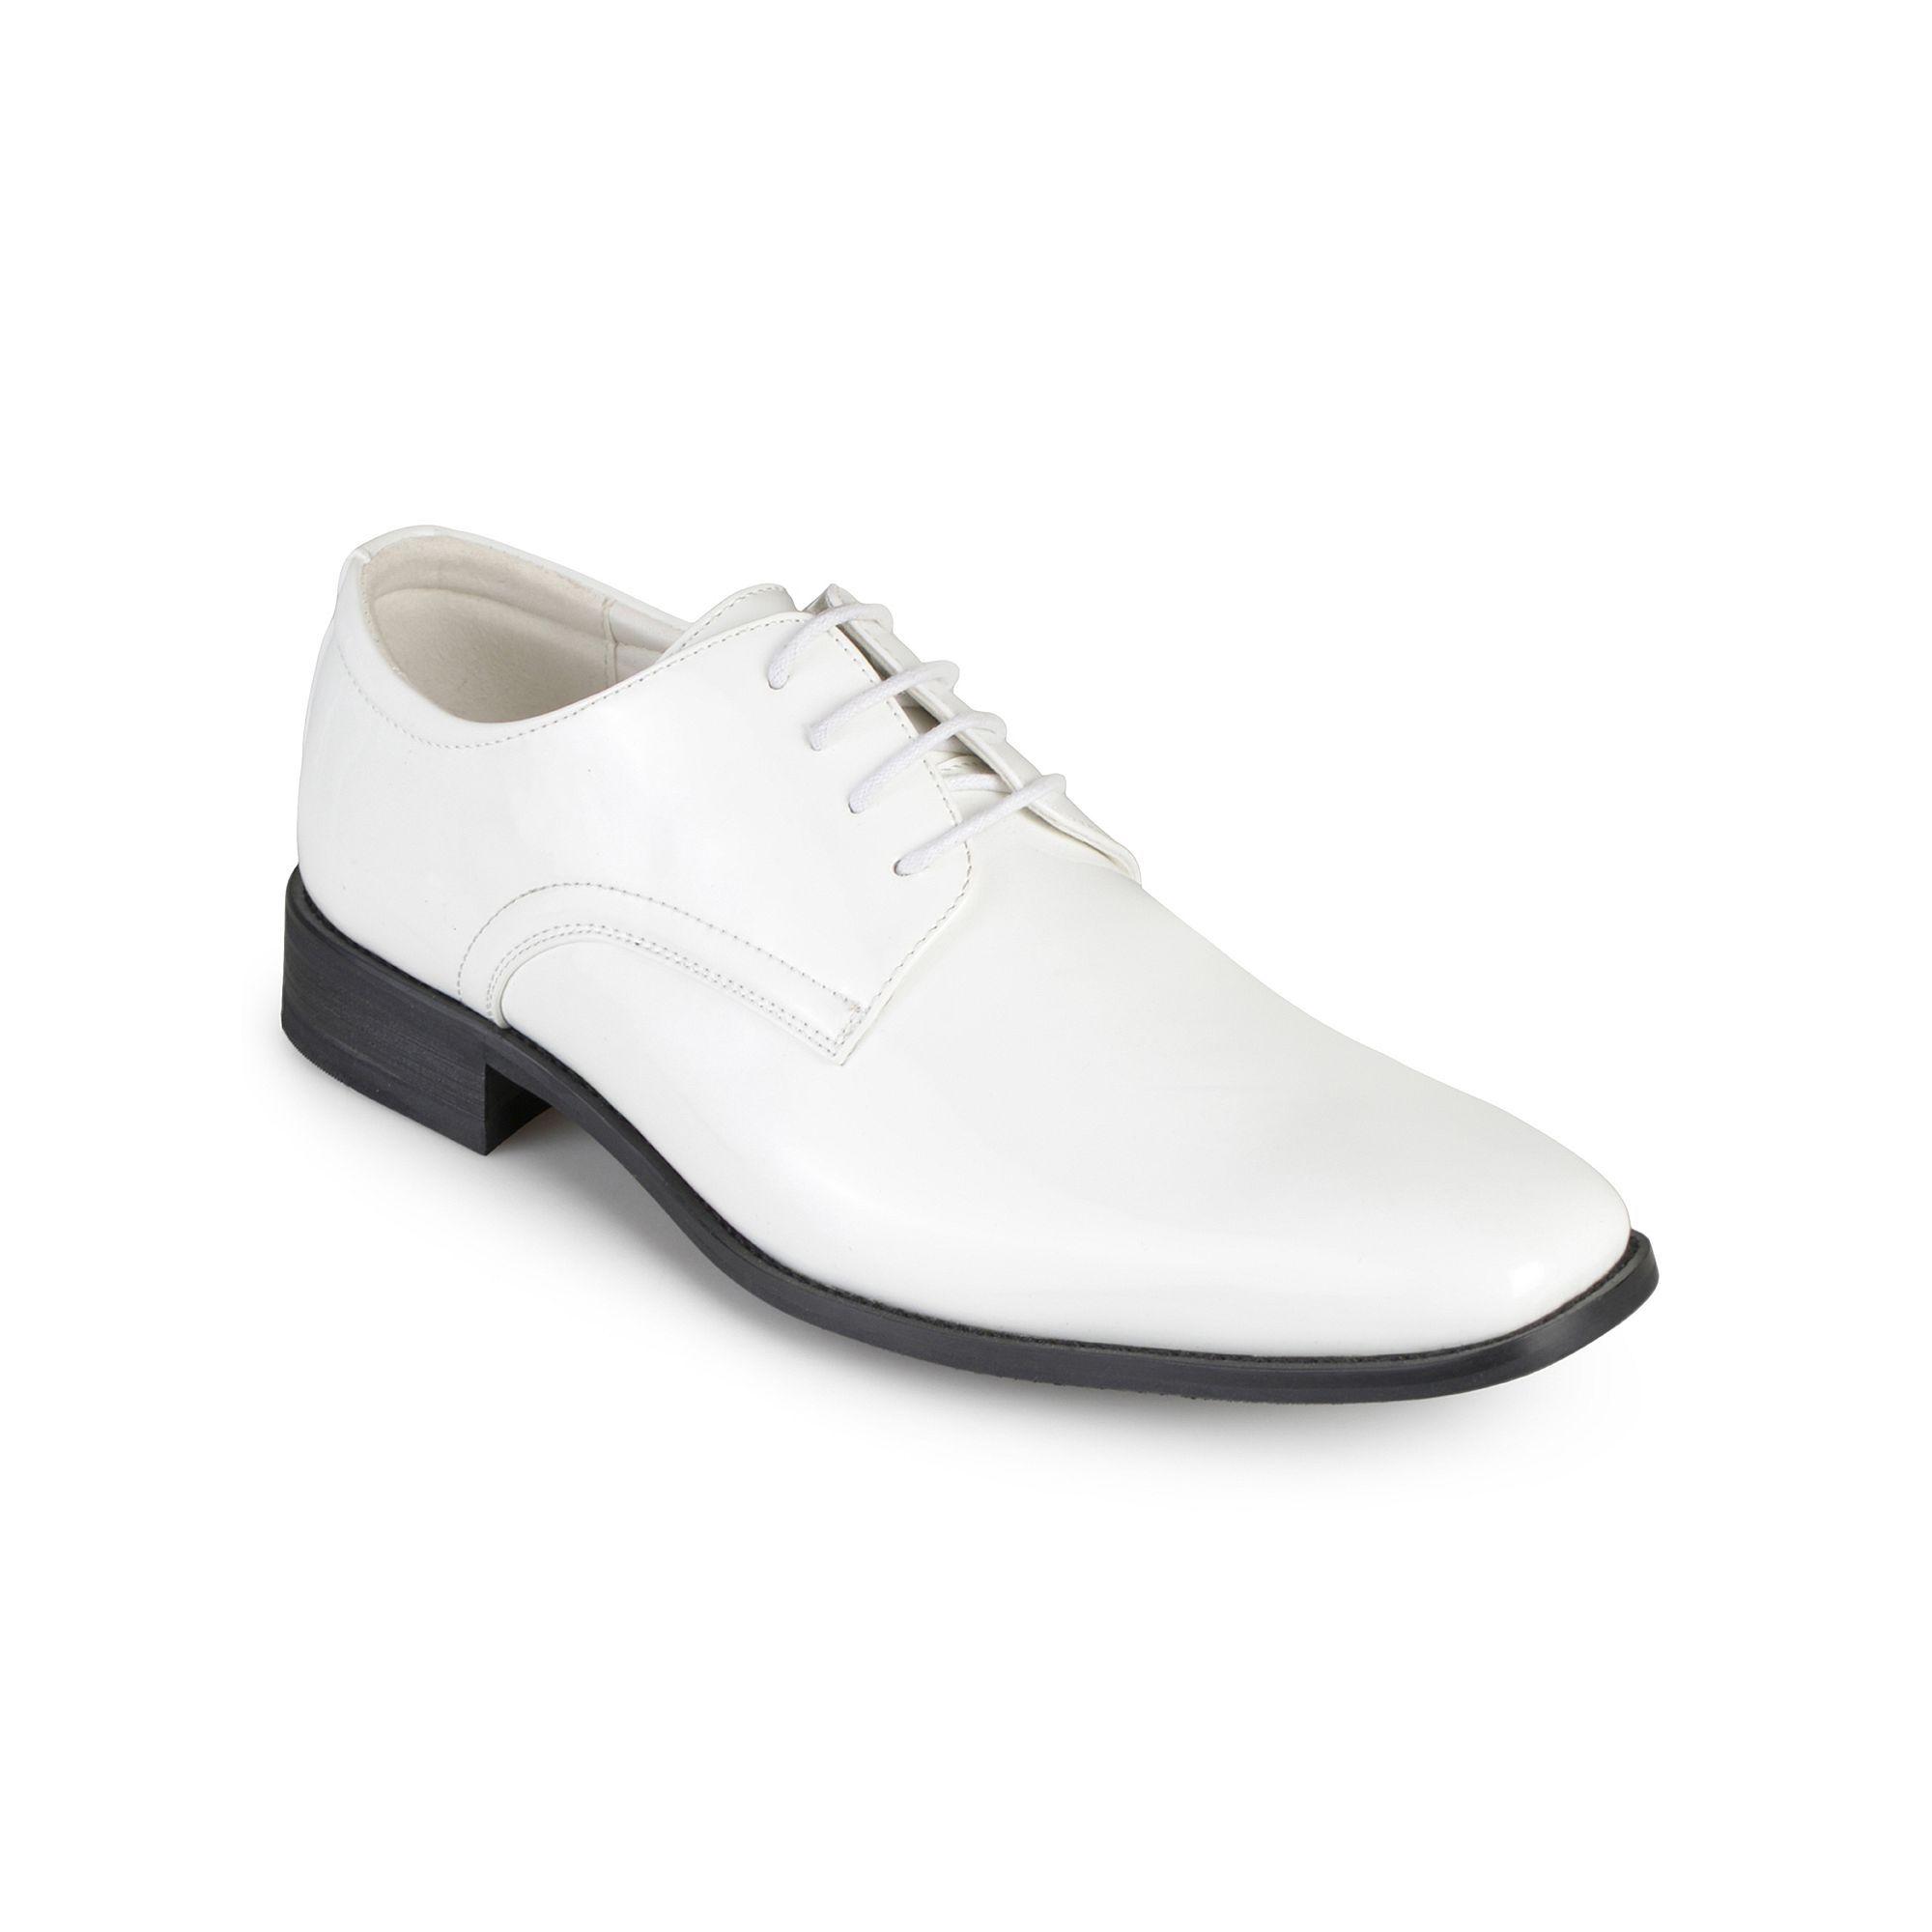 Vance Co Cole Men S Oxford Dress Shoes Dress Shoes Men White Dress Shoes Men Dress Shoes [ 2000 x 2000 Pixel ]